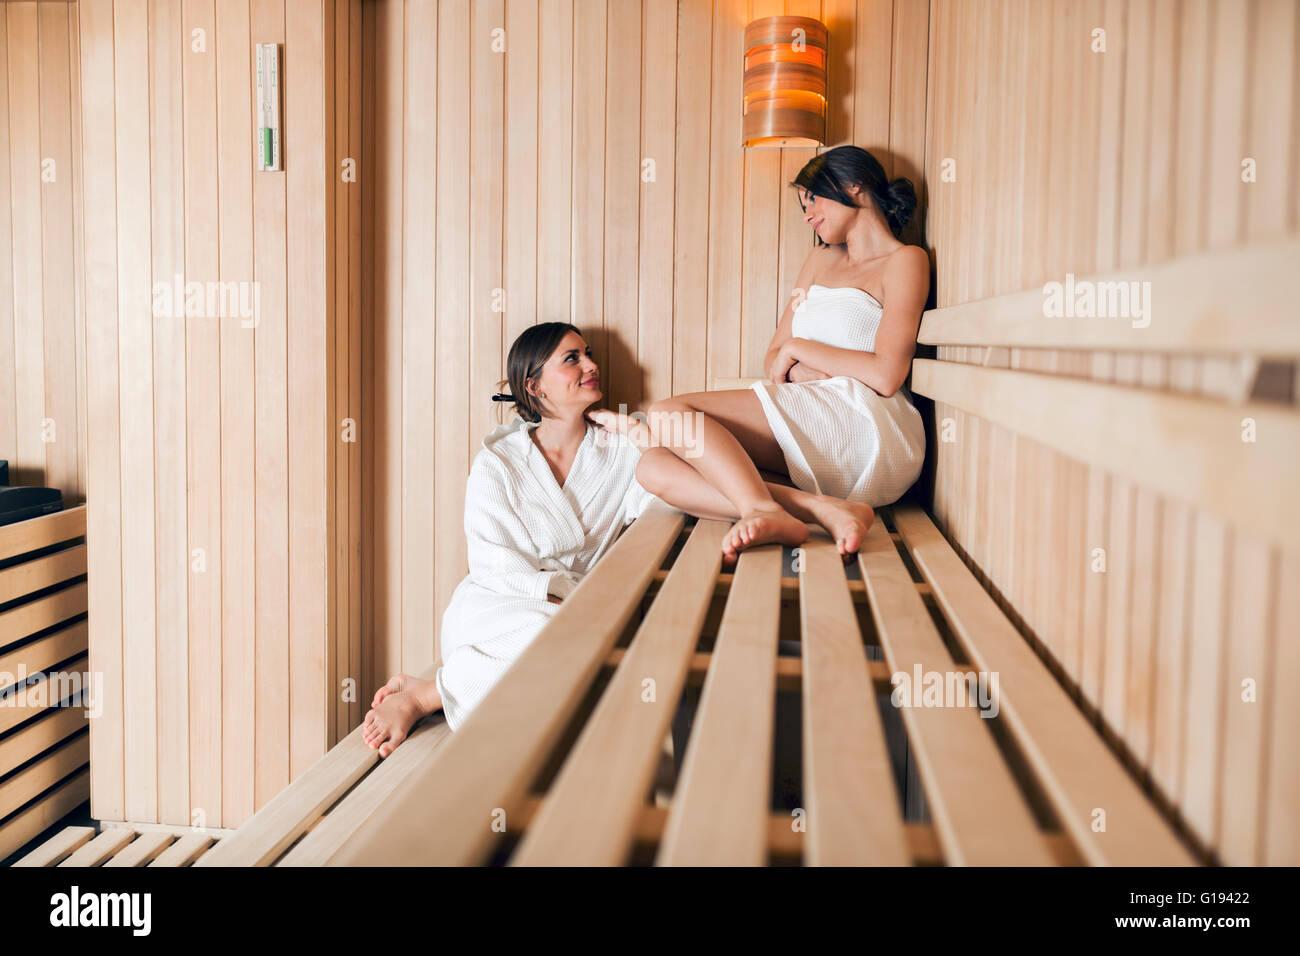 Due montare e belle donne rilassante in una sauna Immagini Stock